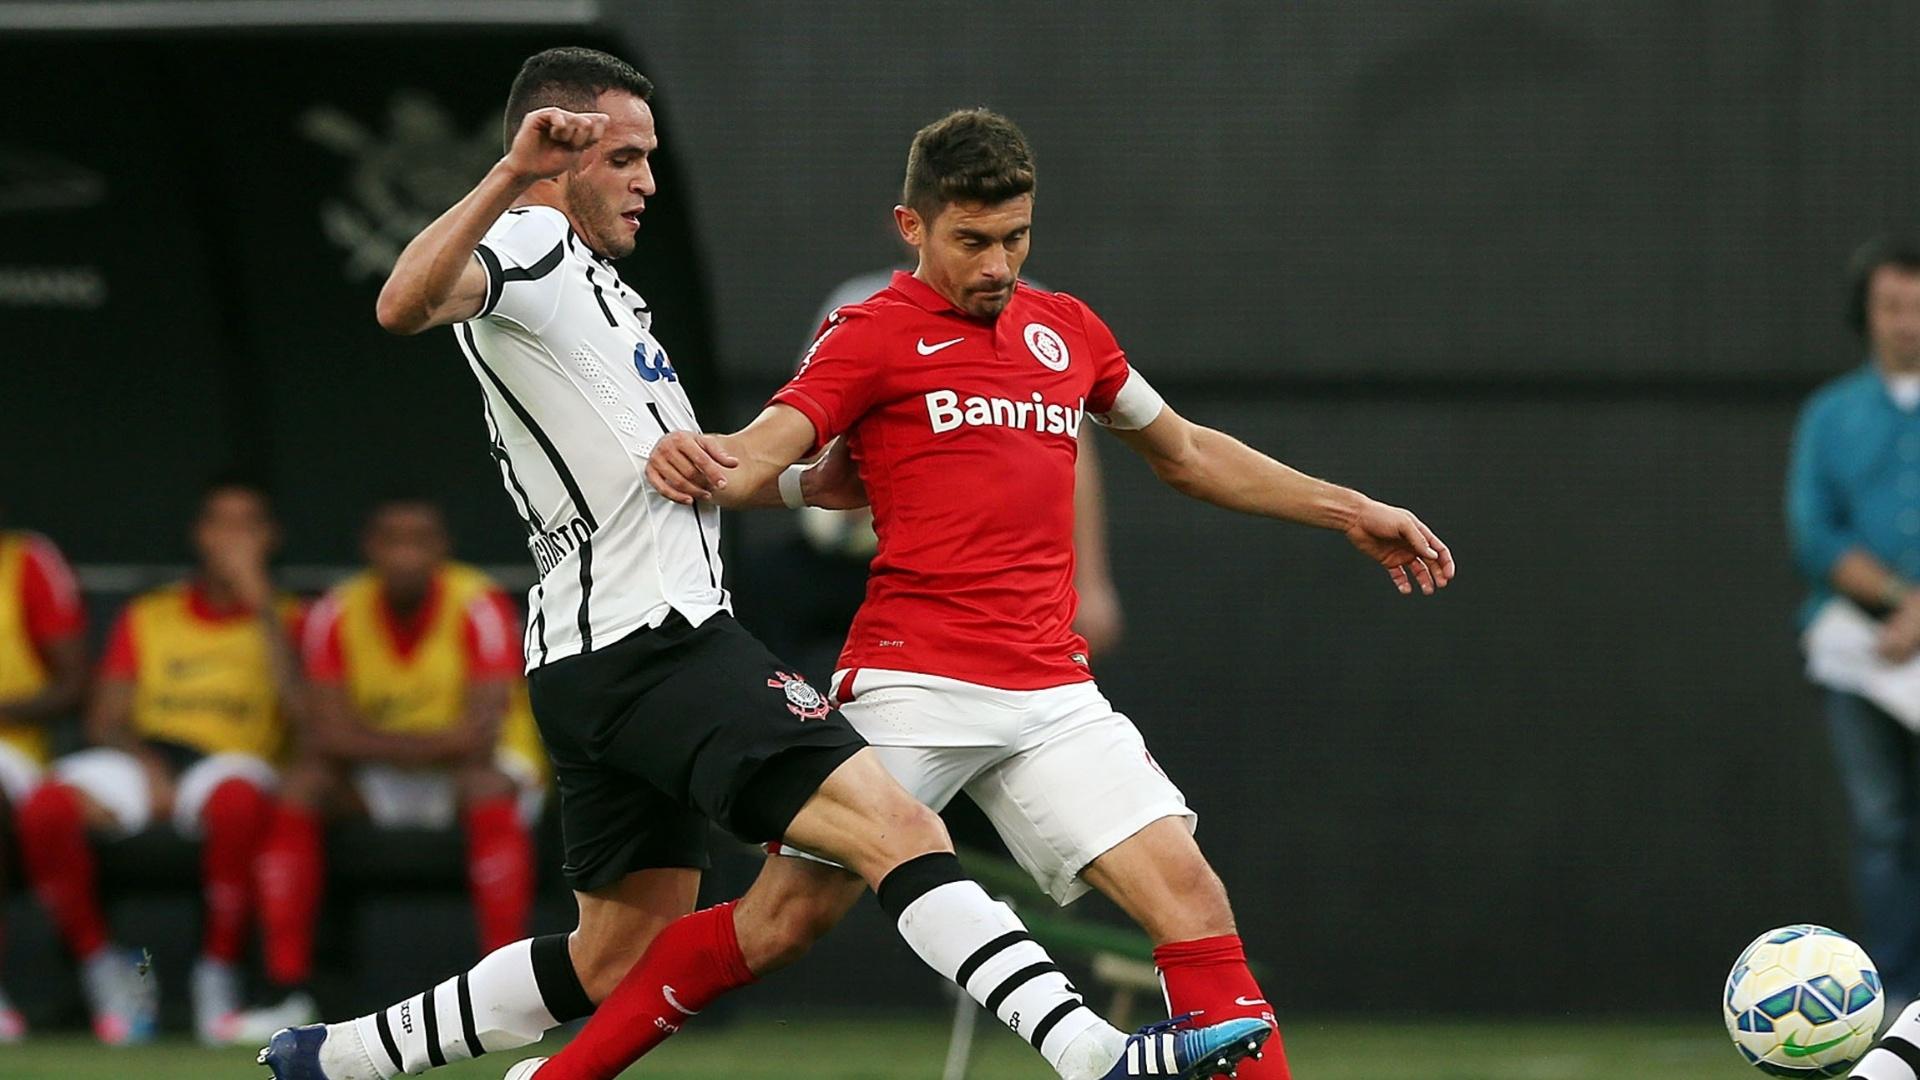 Alex disputa pela bola com Renato Augusto na partida entre Corinthians e Internacional na Arena Corinthians